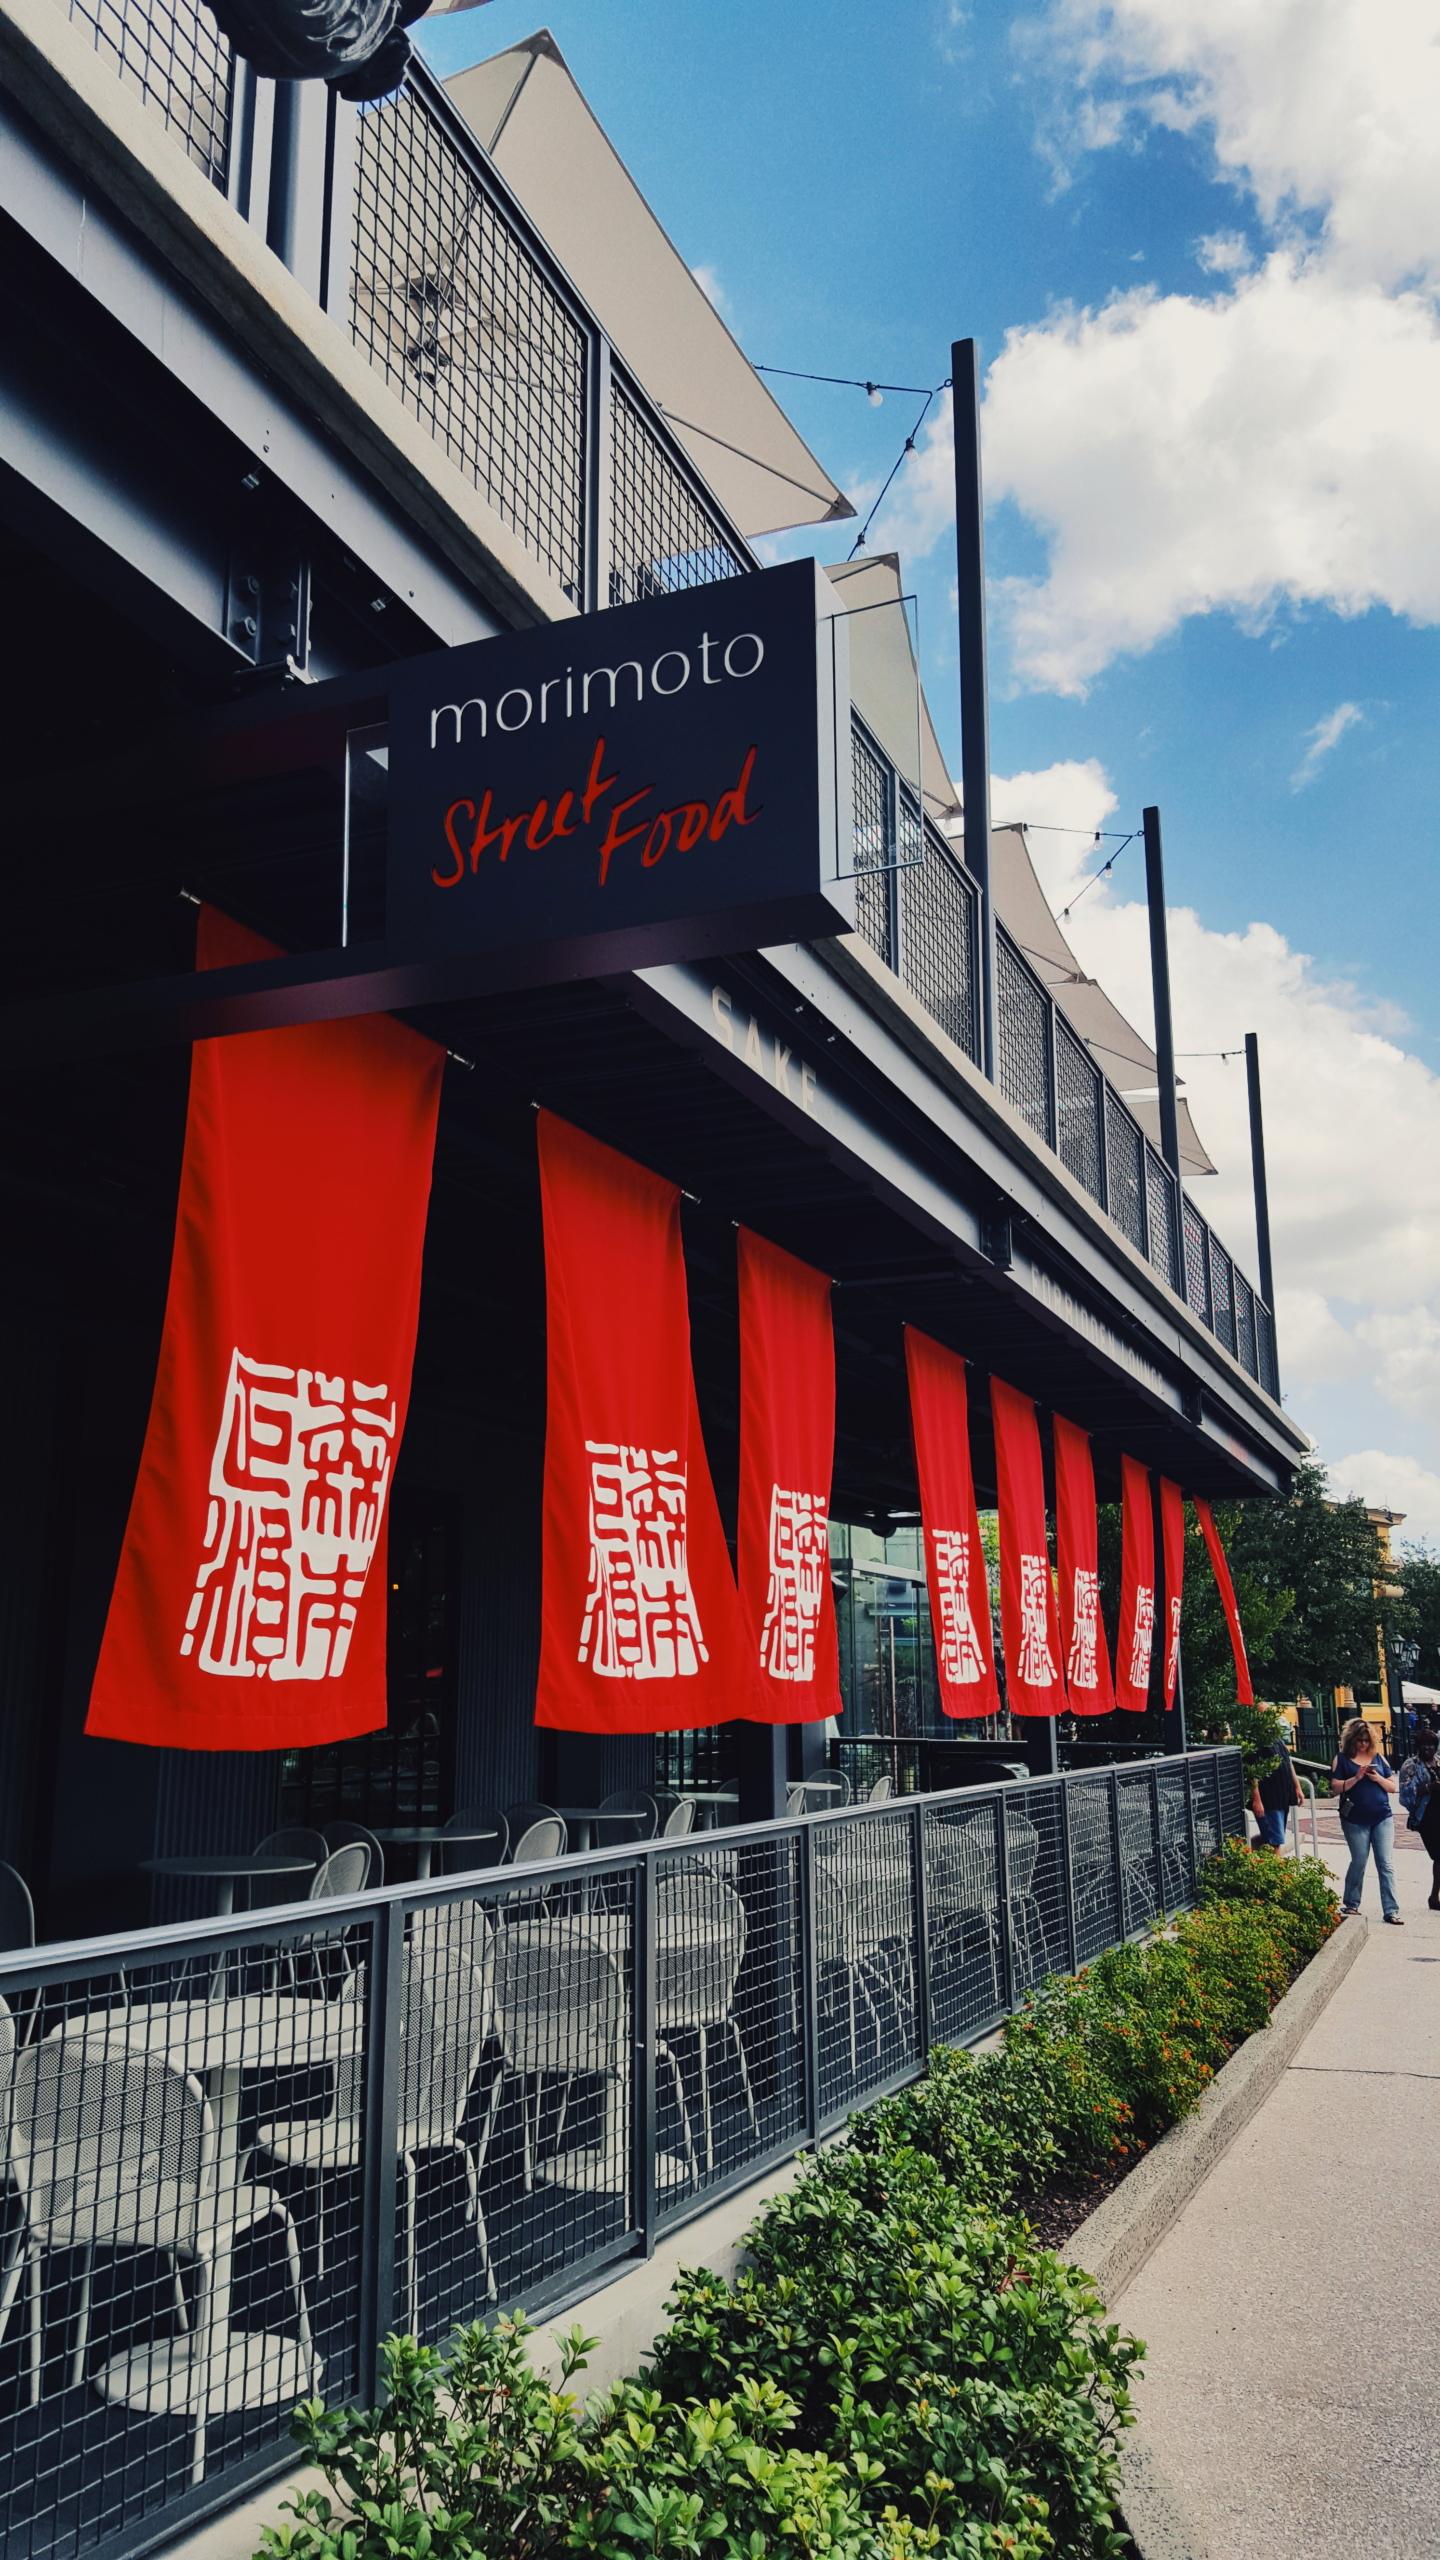 Morimoto Asia Street Food - Studio 404